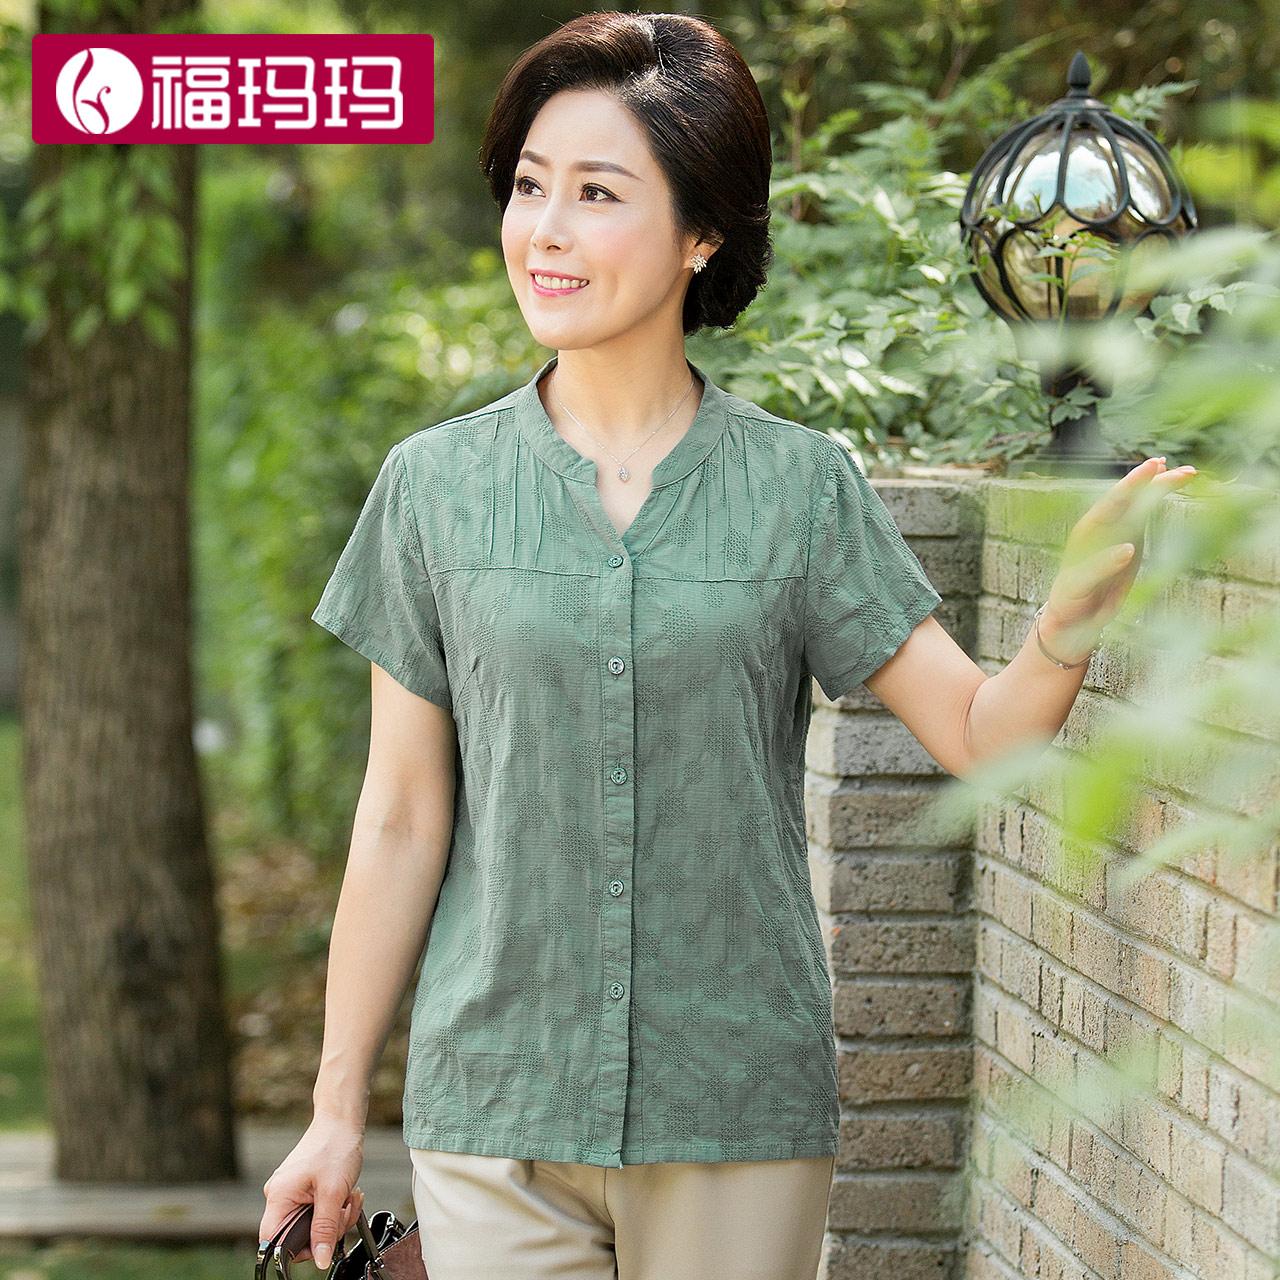 中年女士夏季中老年人女装春秋装妈妈装夏装新款宽松纯棉短袖衬衫